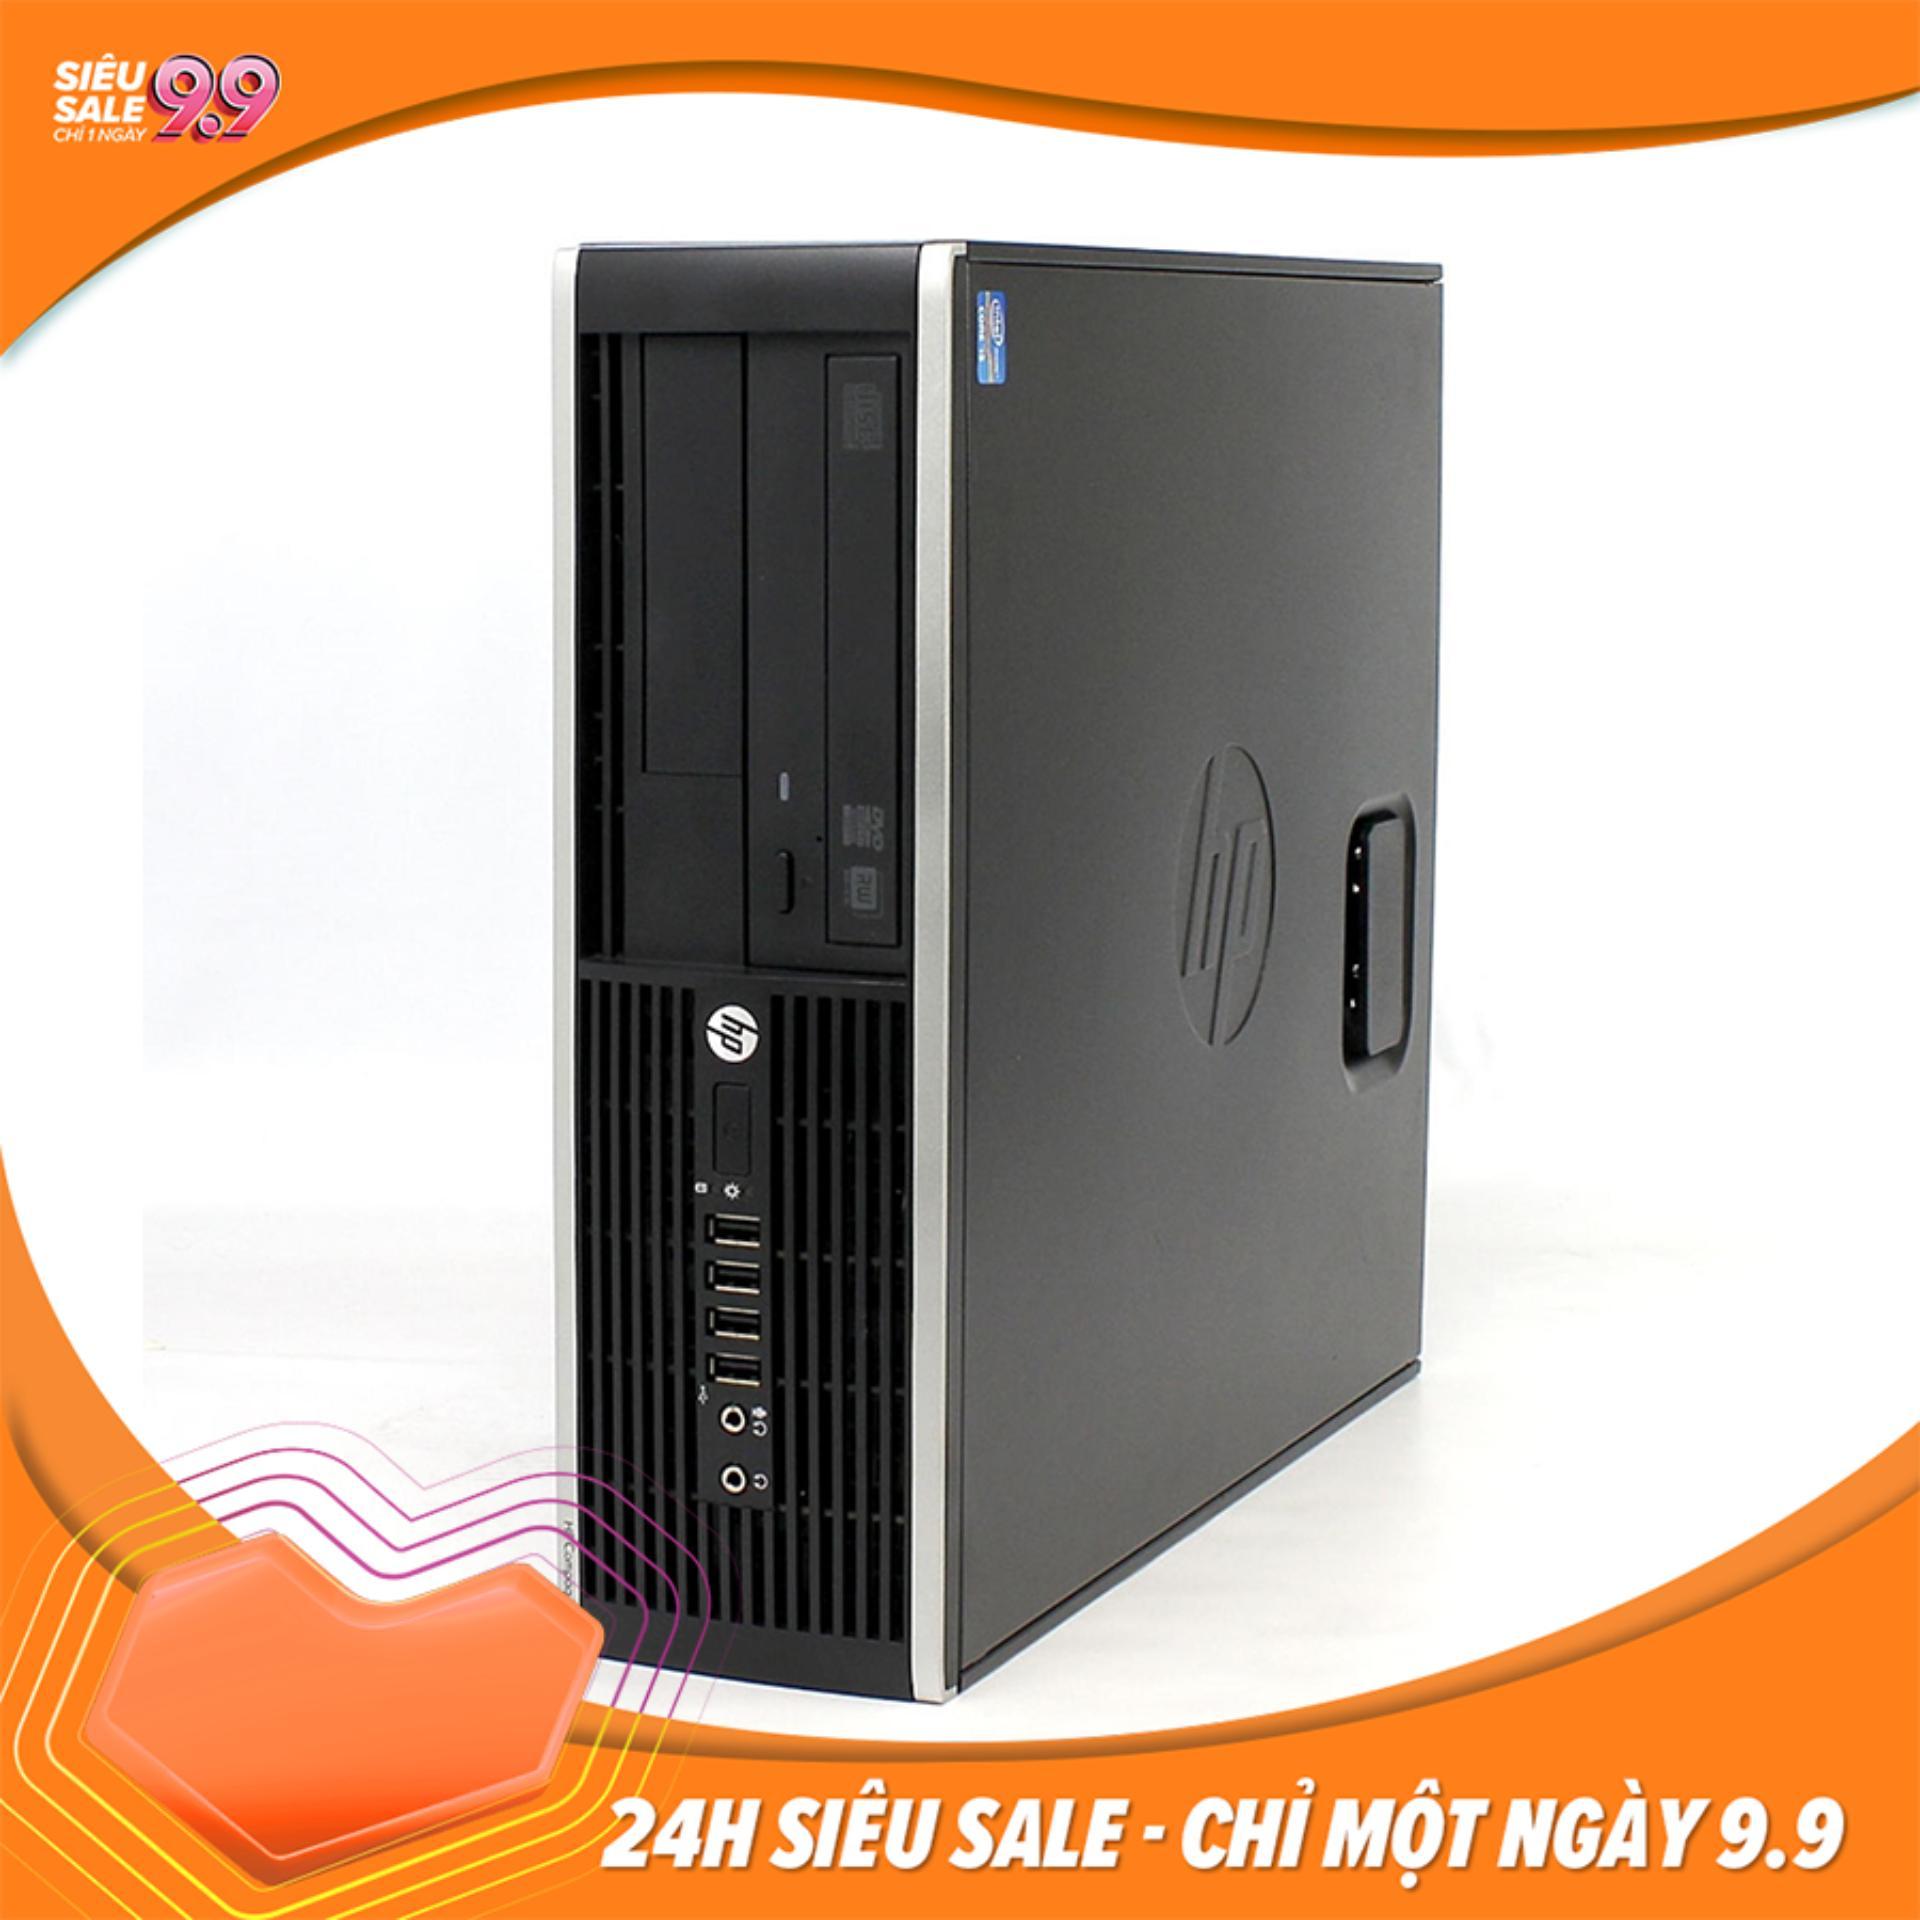 Máy Tính đồng Bộ HP Compaq DC 6300 Pro Core I3 RAM 4GB HDD 250GB Siêu Tiết Kiệm